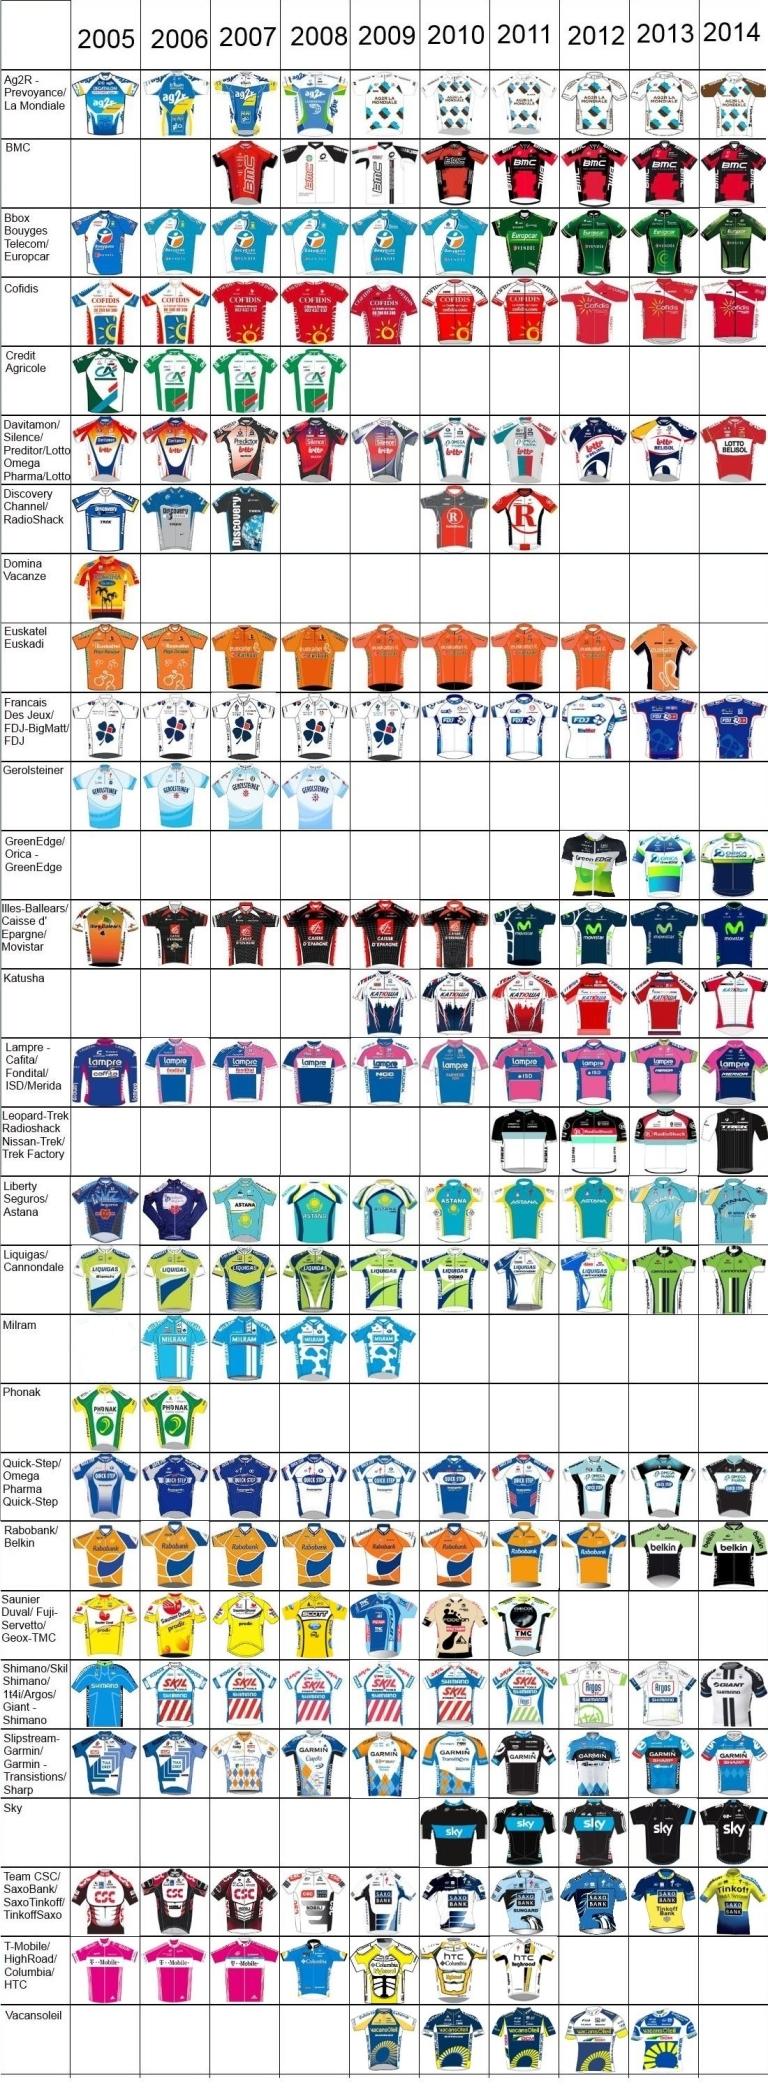 2005-2014Jerseys